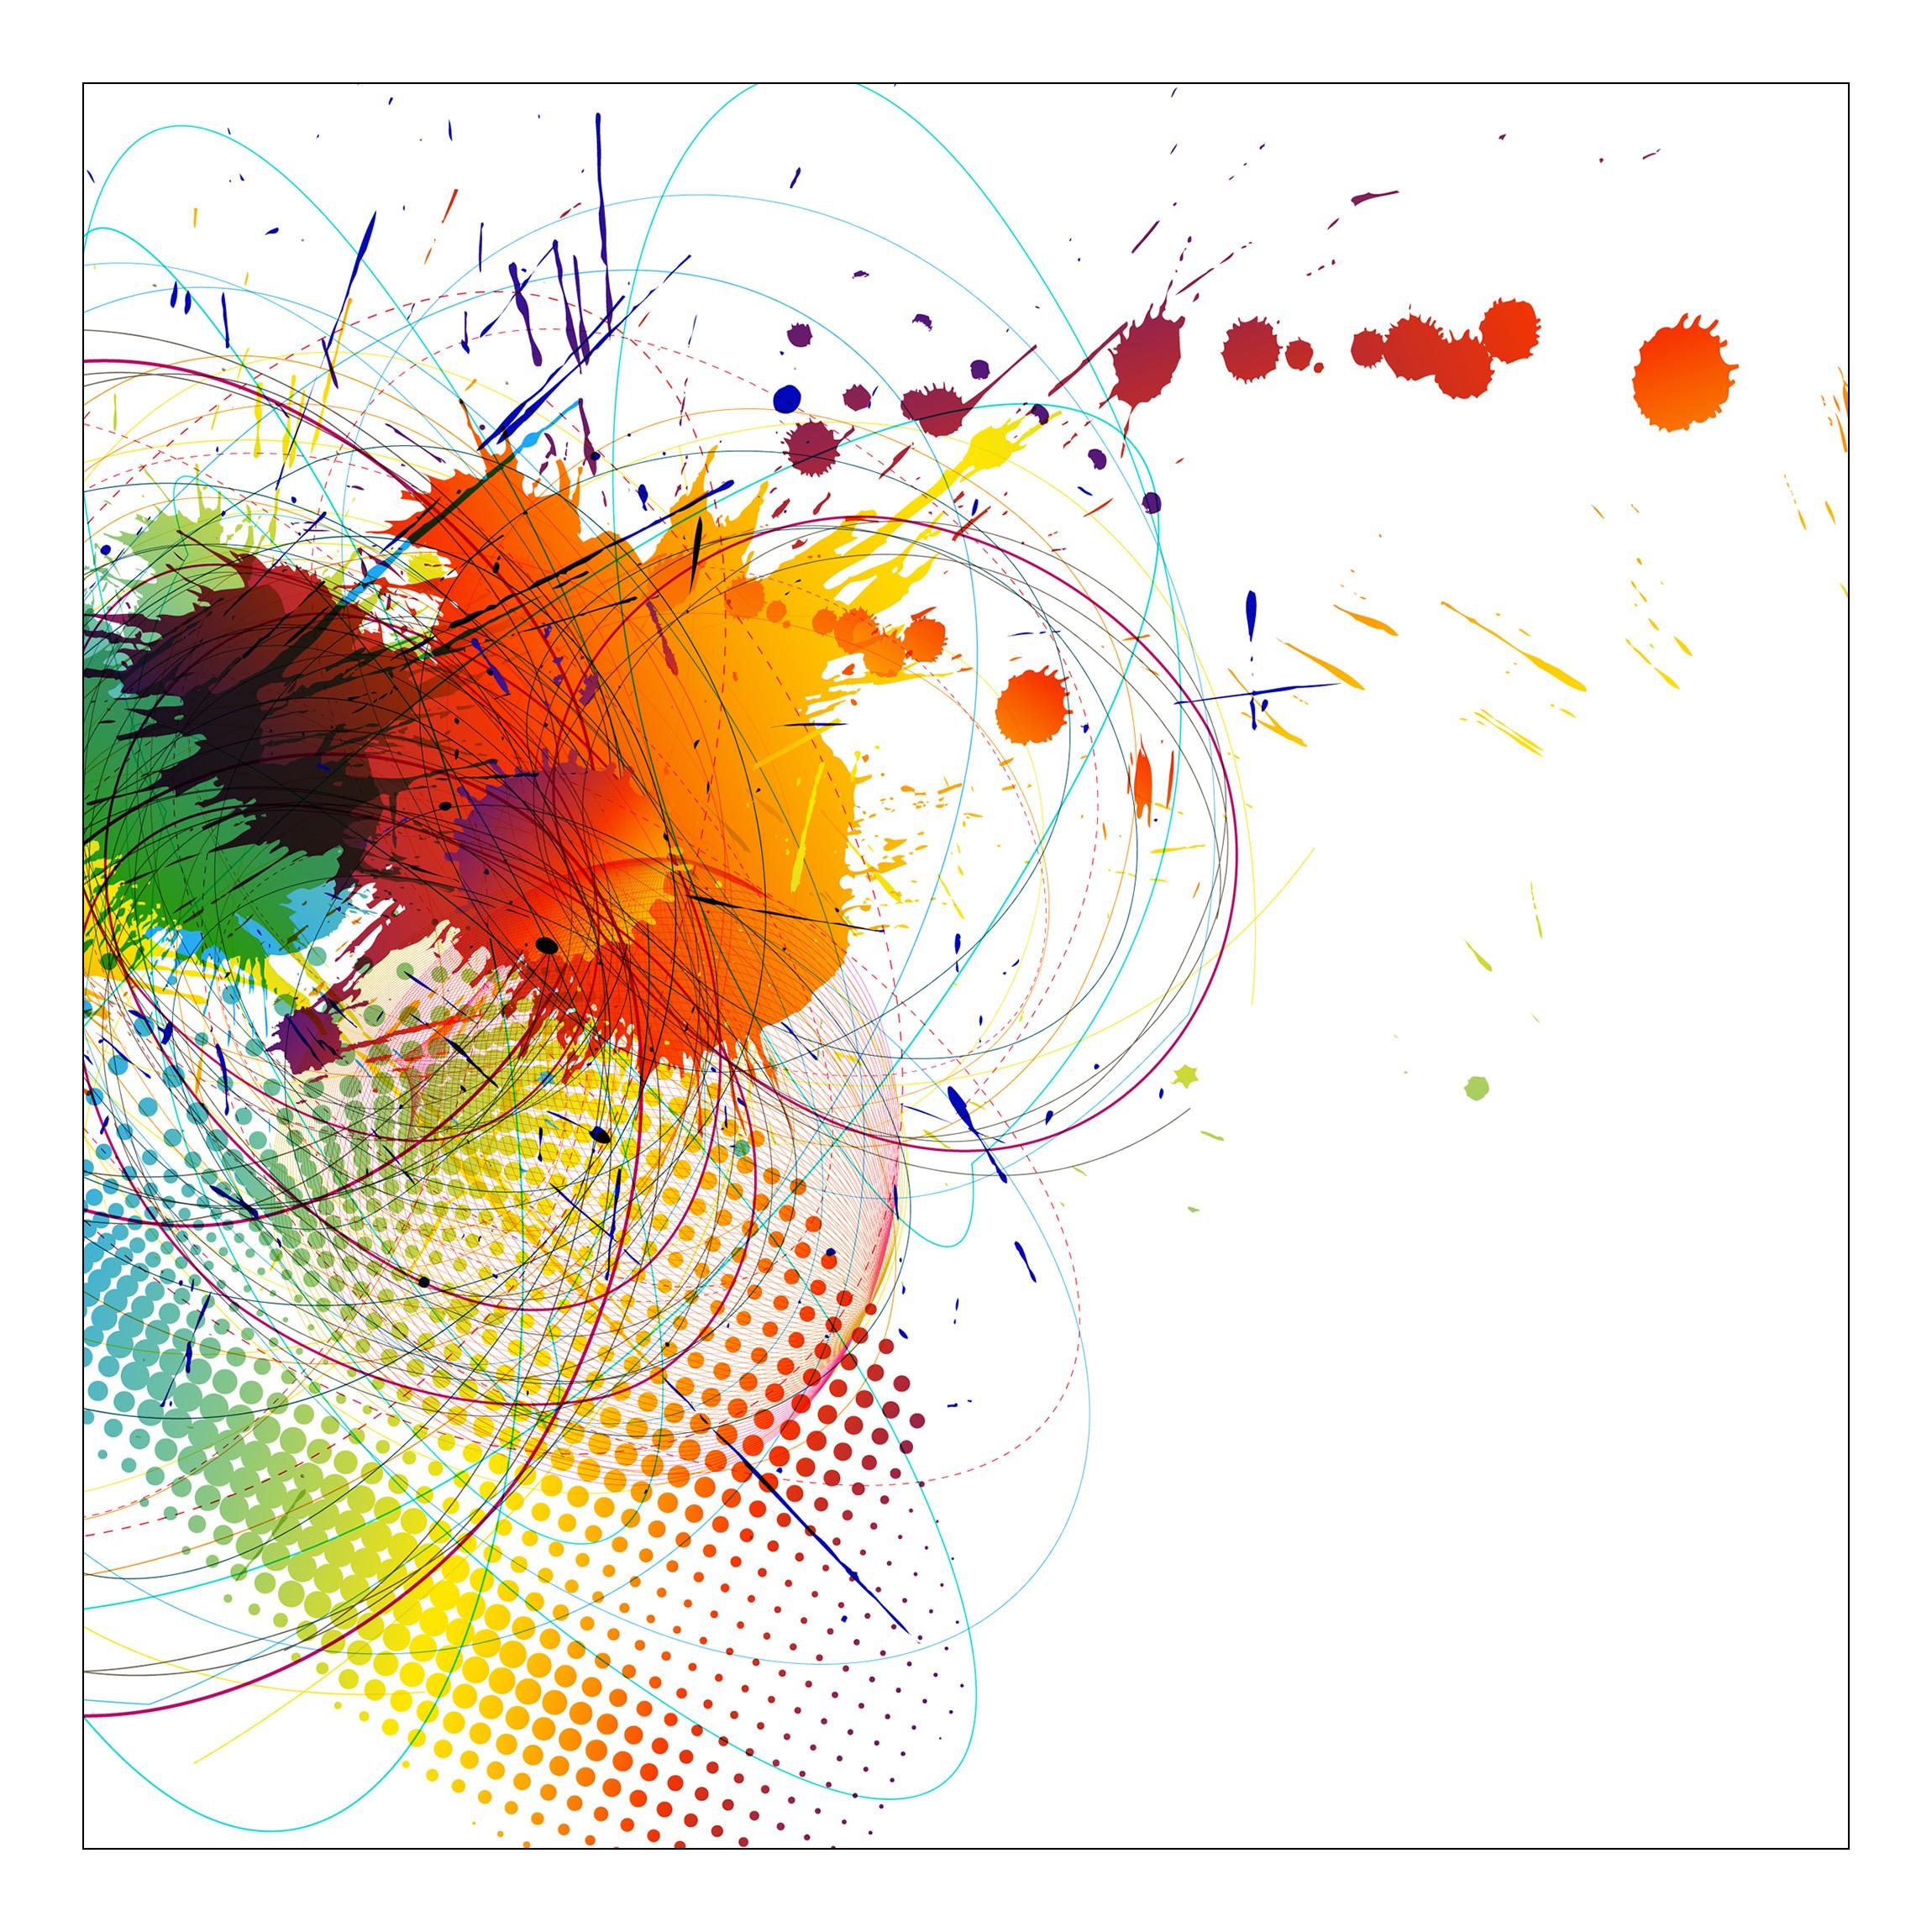 Carta adesiva per mobili ikea lack tavolino rainbow for Carta adesiva per mobili ikea